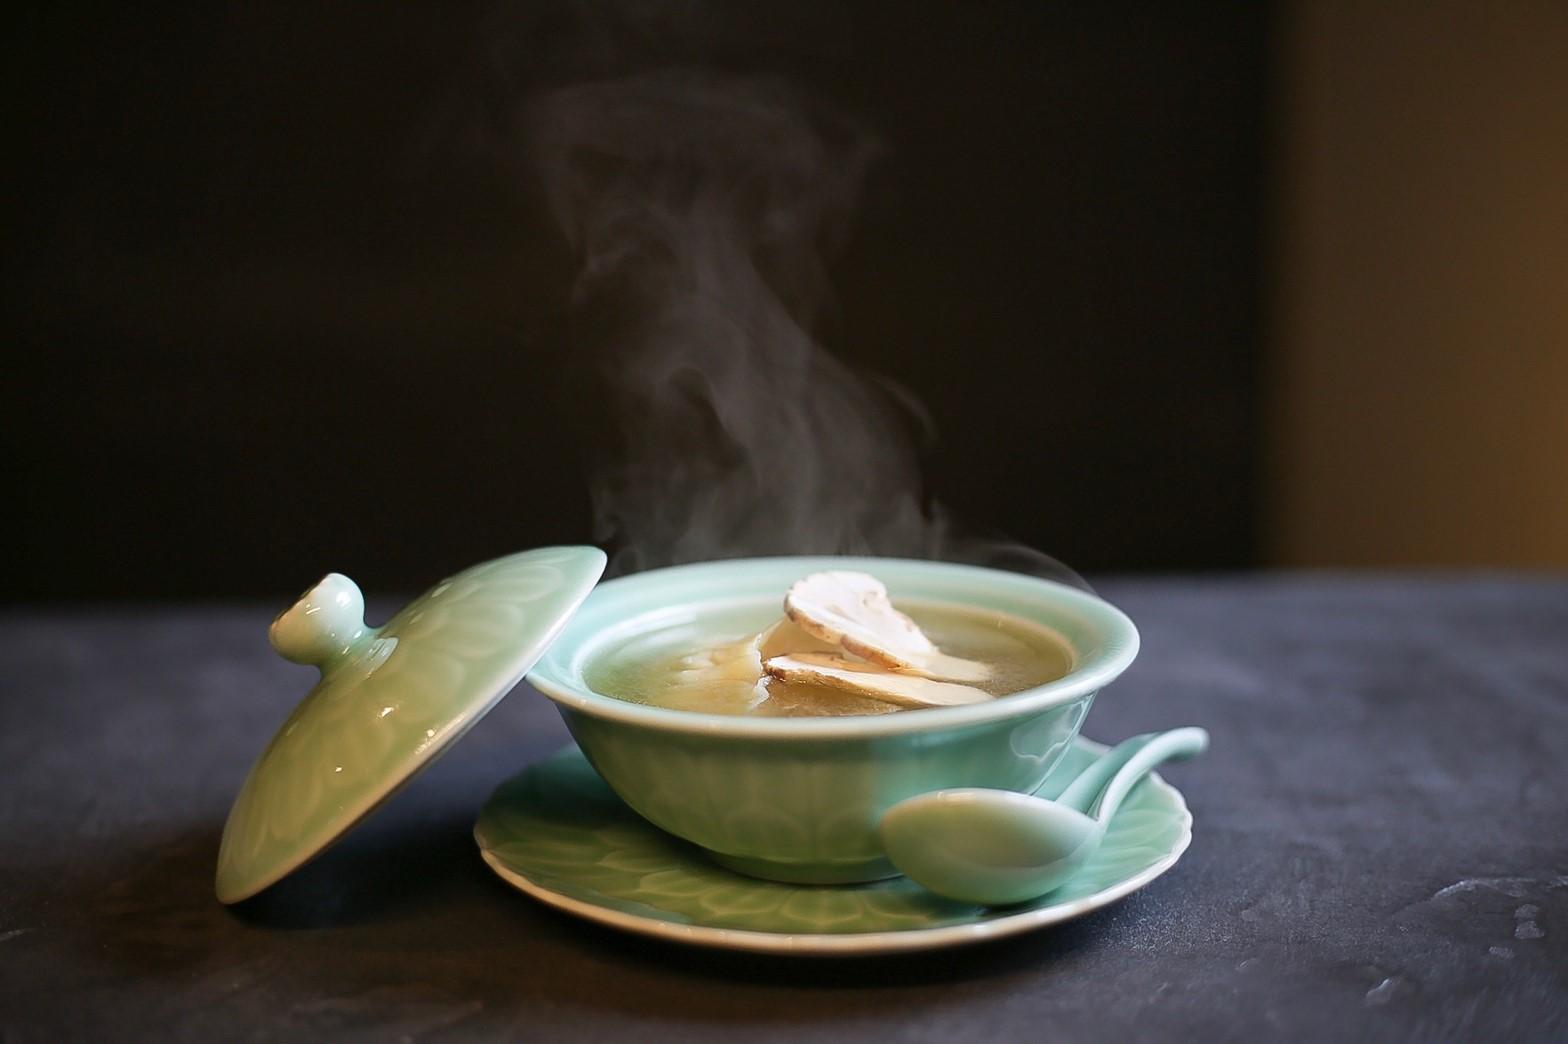 ふかひれ入りしスープ餃子 松茸の香り